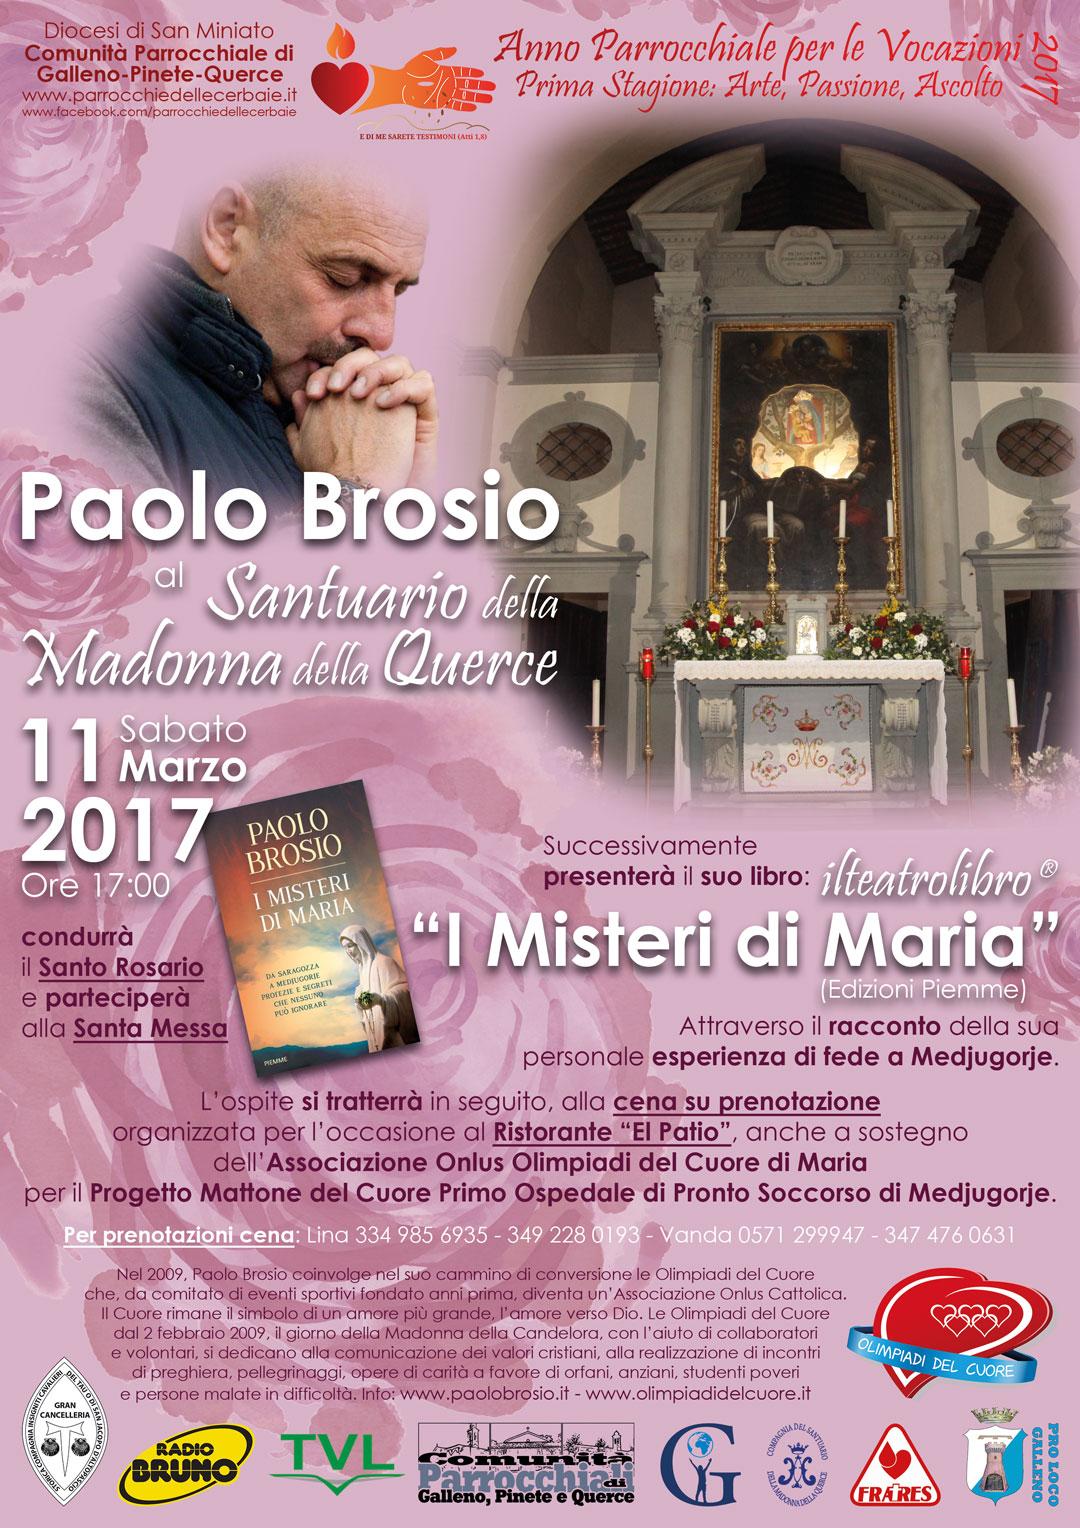 Paolo Brosio al Santuario della Madonna della Querce 11-3-2017